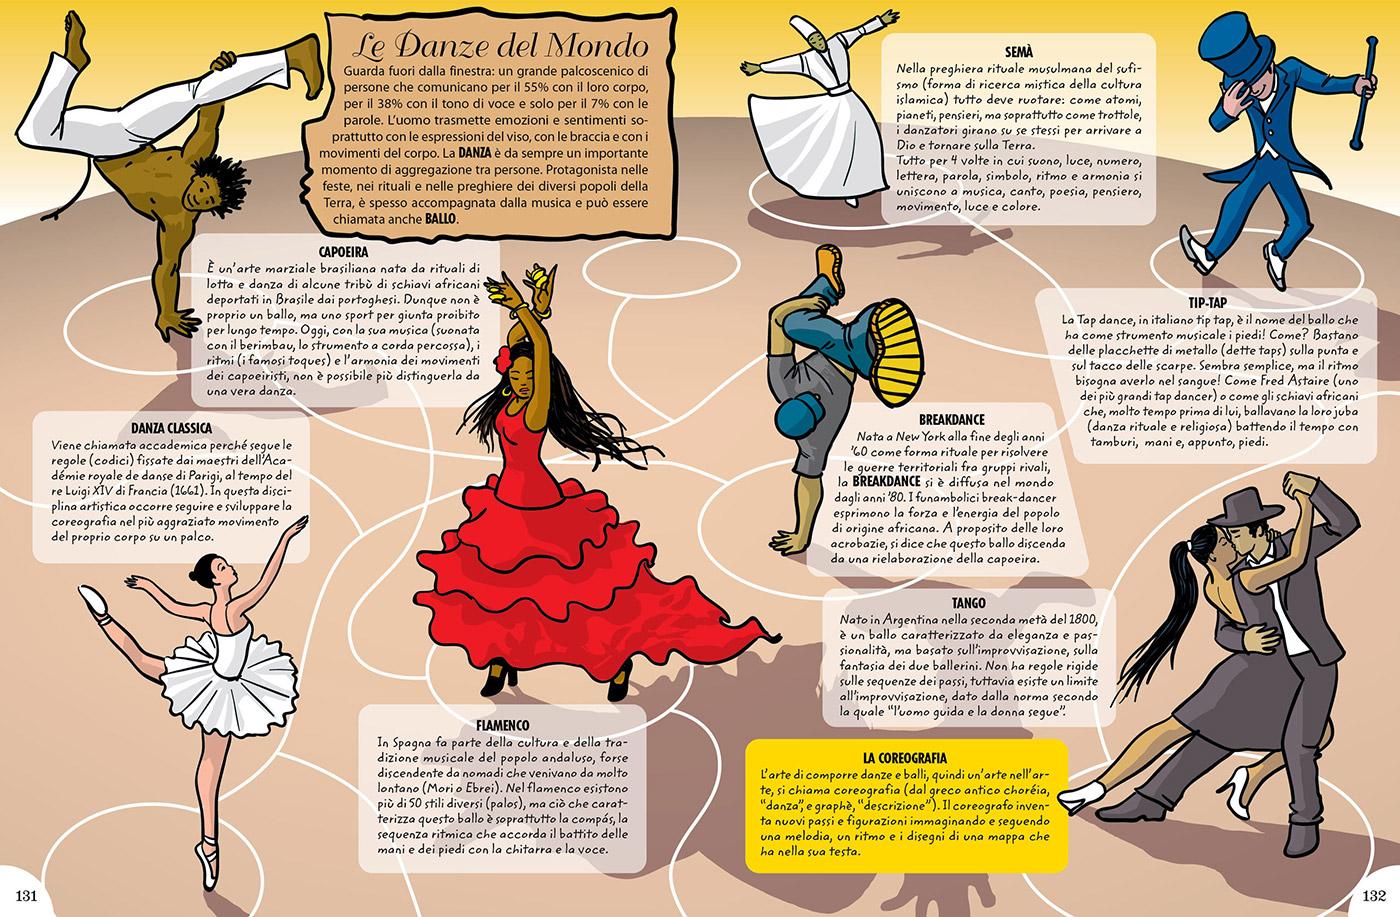 le danze del mondo